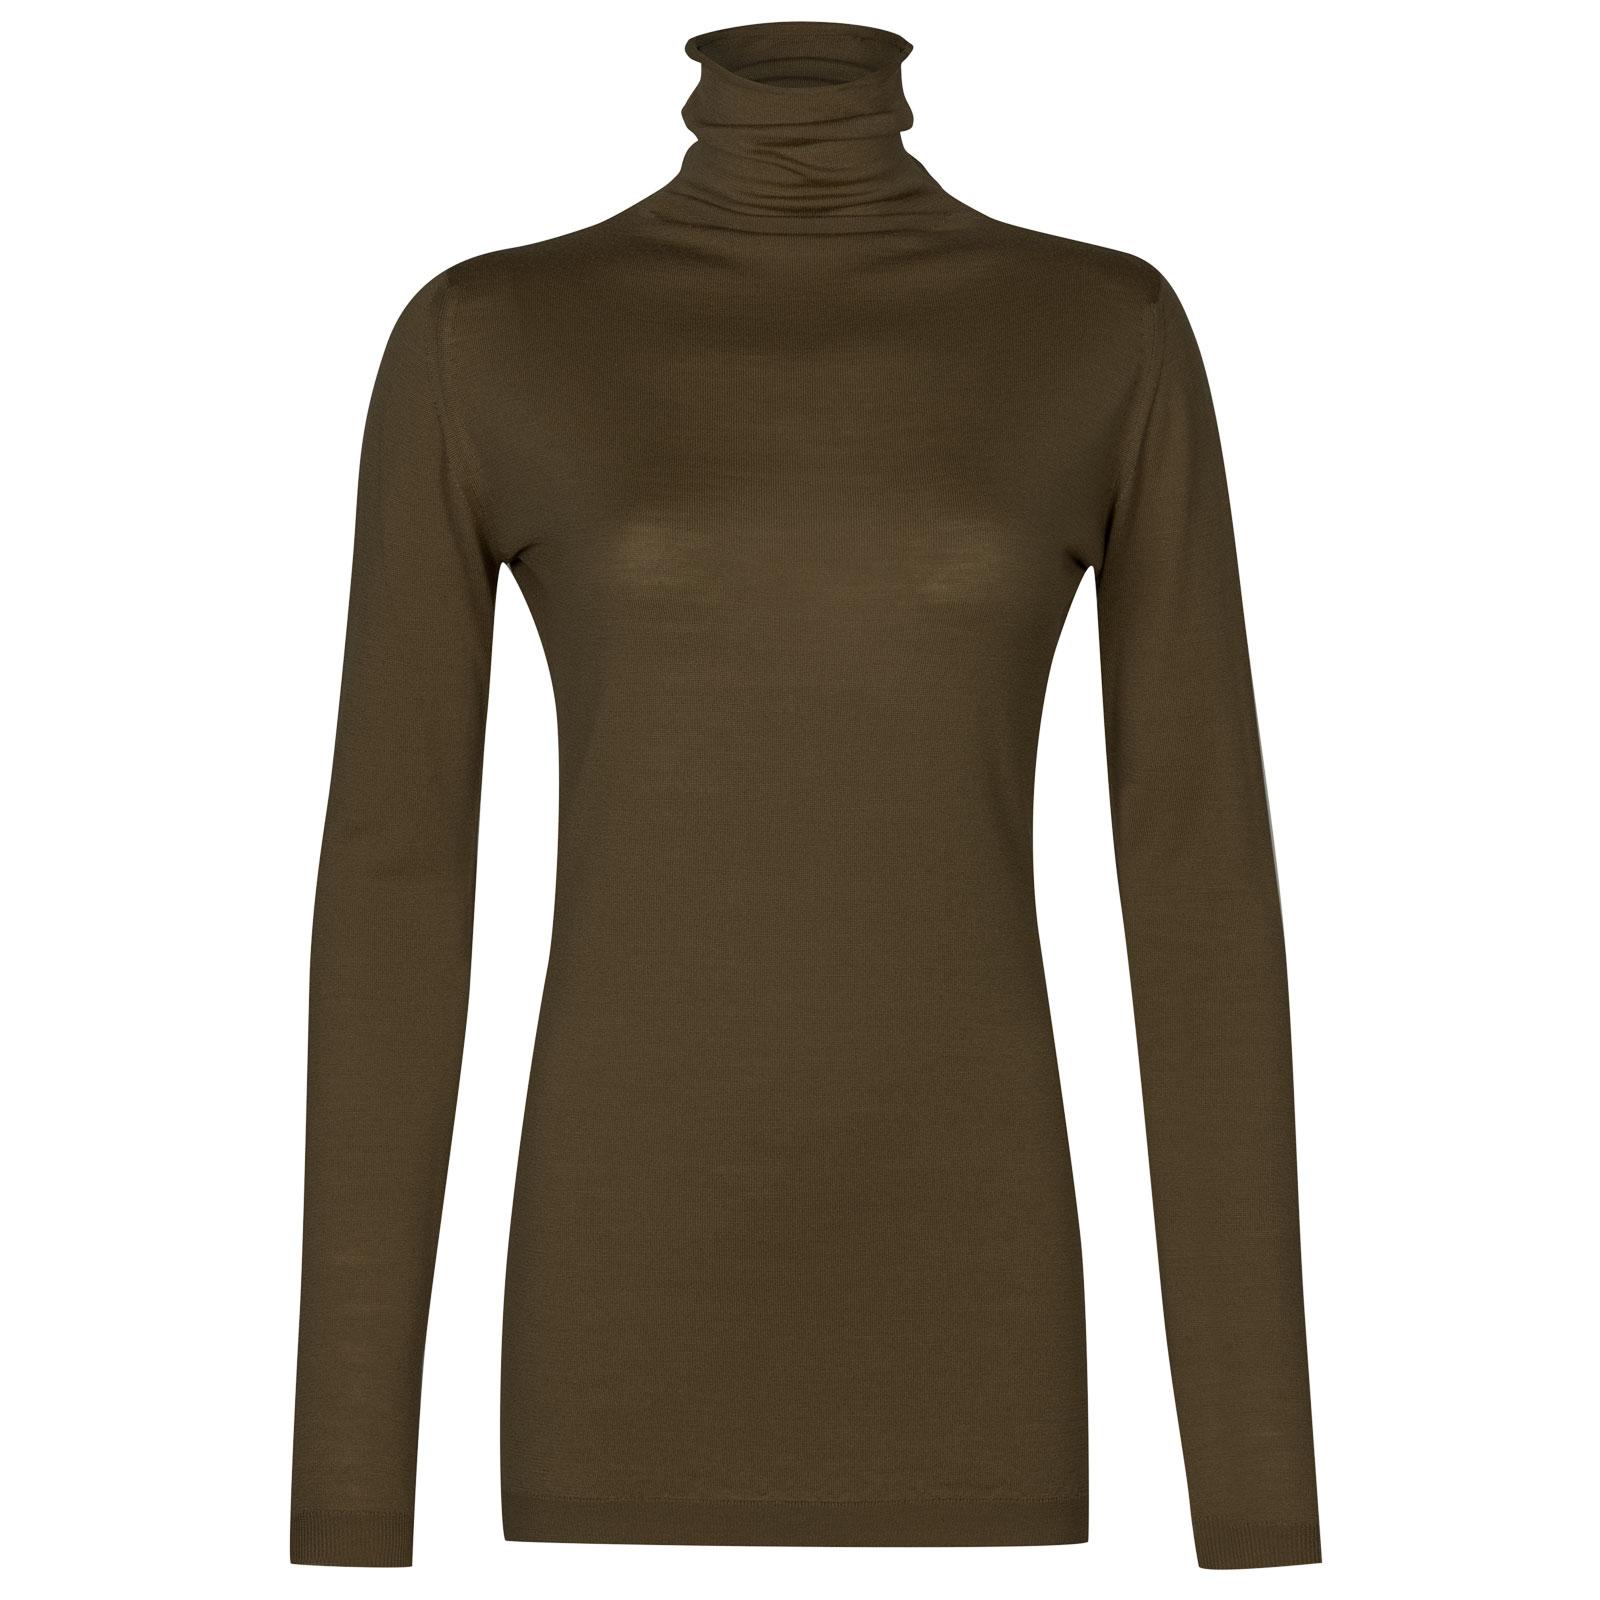 John Smedley westley Merino Wool Sweater in Kielder Green-XL